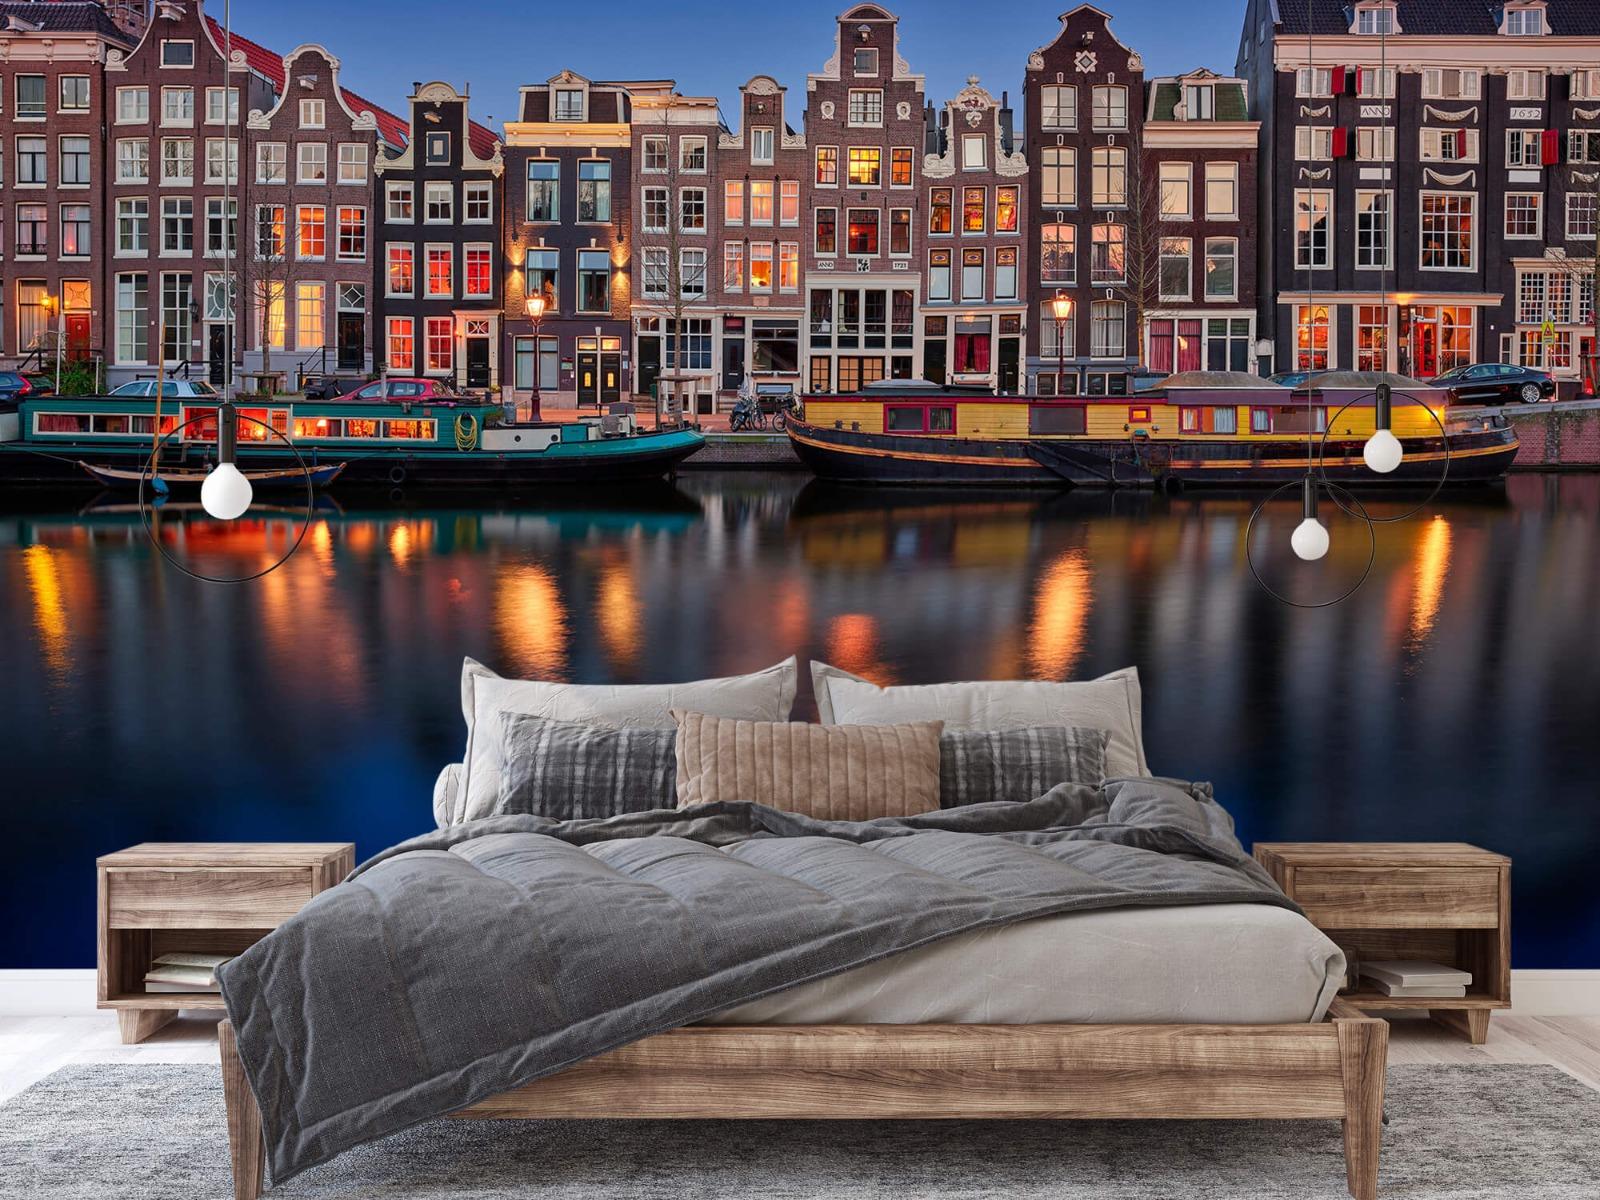 Architectuur - Grachtenpanden Amsterdam - Tienerkamer 2